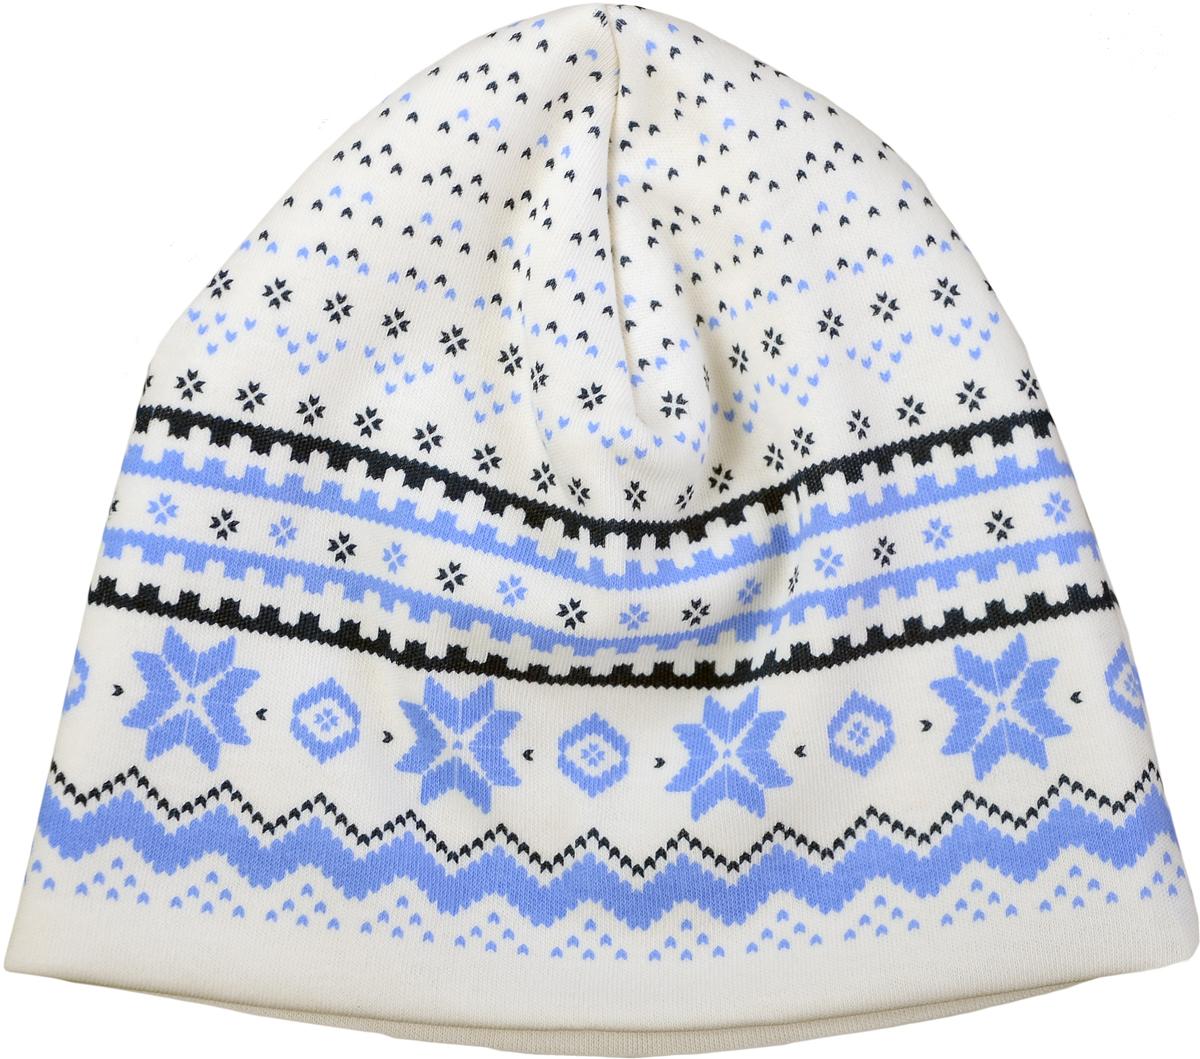 Шапка детская Мамуляндия Зимняя, цвет: молочный. 17-519. Размер 5017-519Детская шапка выполнена из натурального хлопка. Модель оформлена оригинальным принтом.